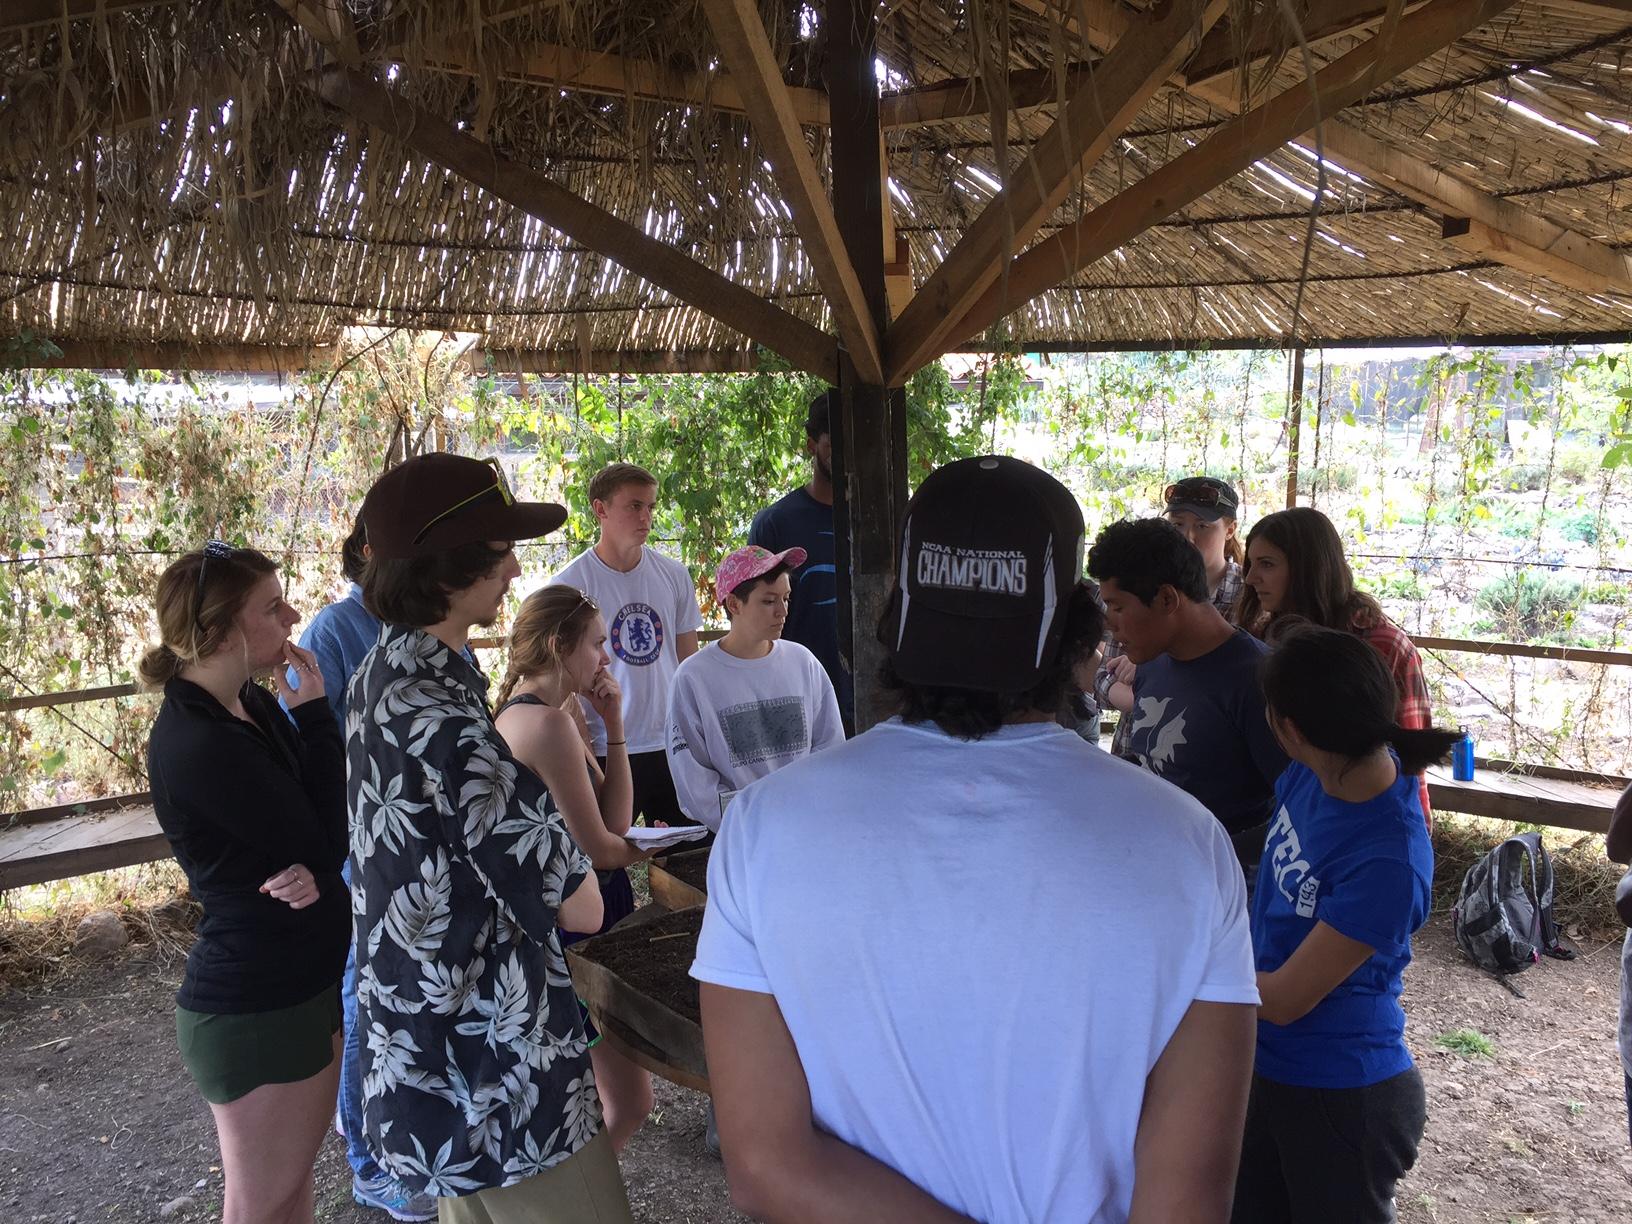 Group at organic farm